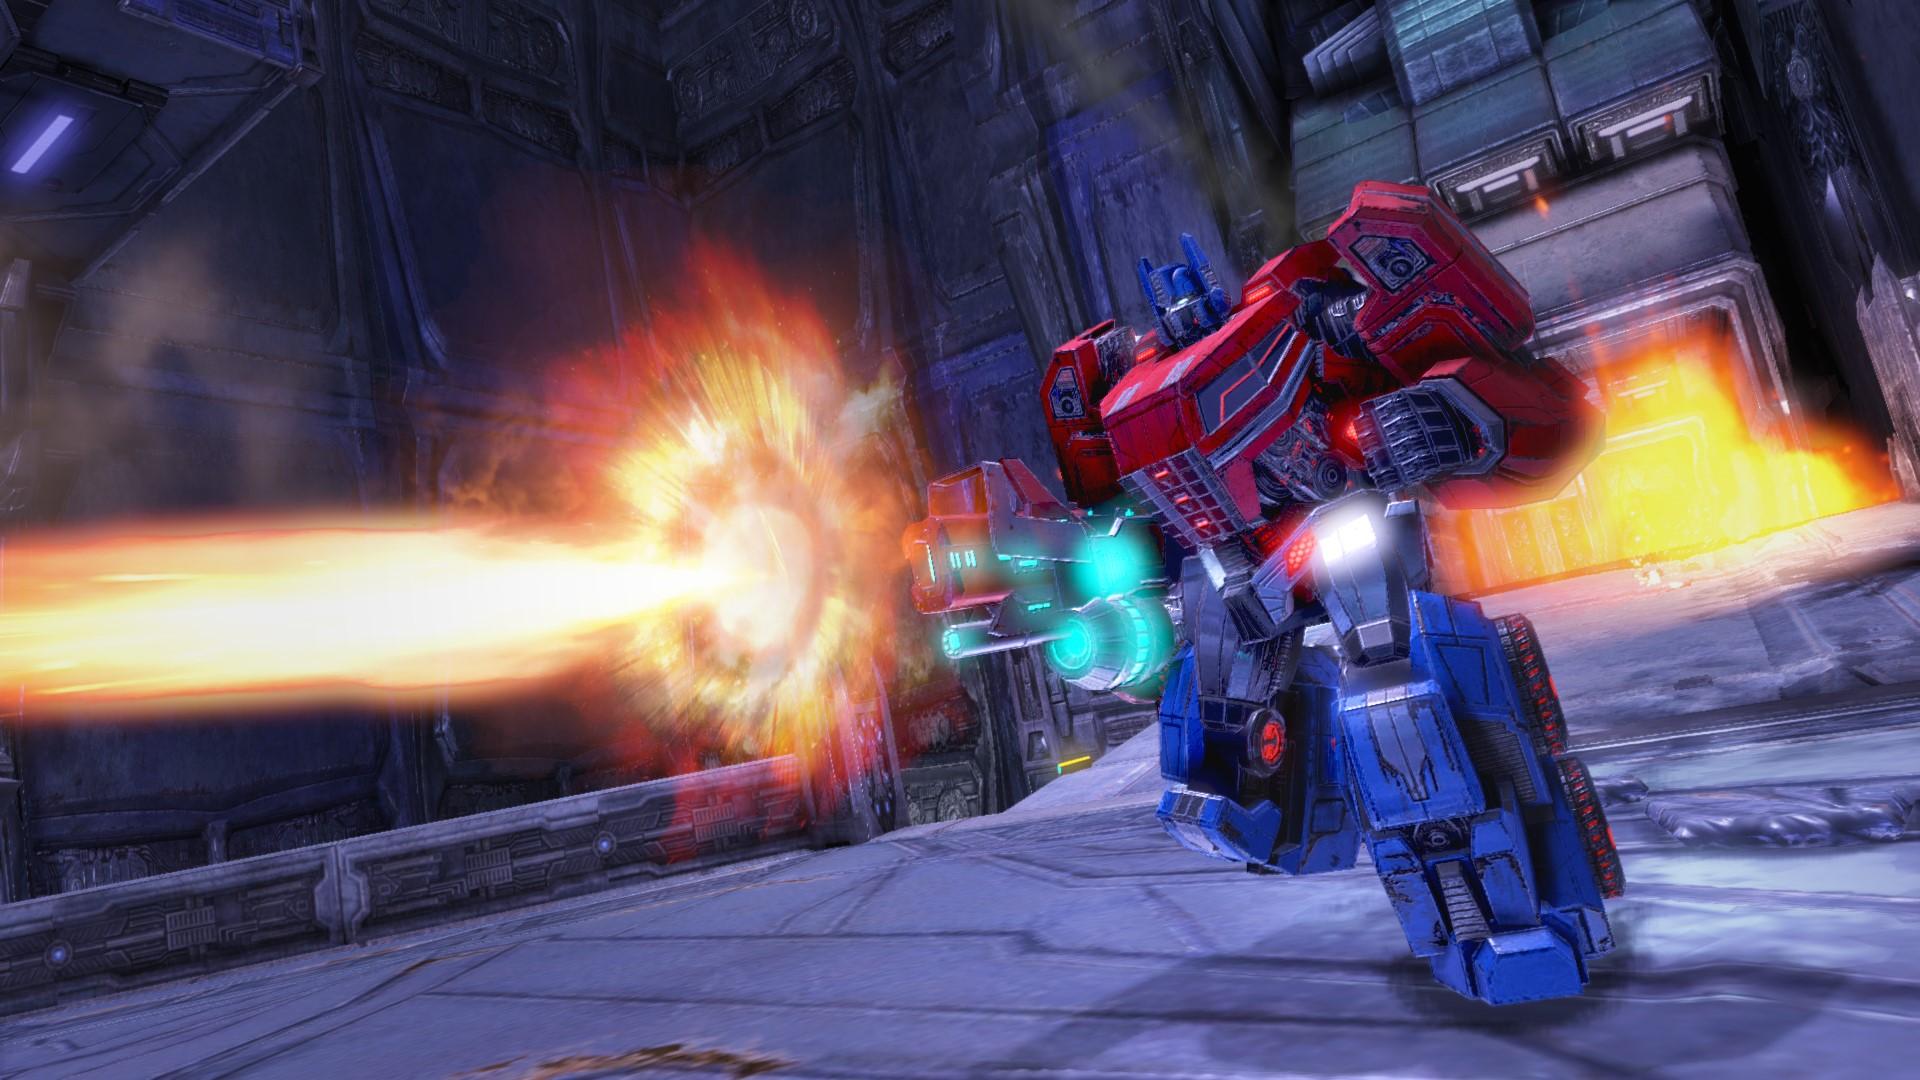 transformersspark02